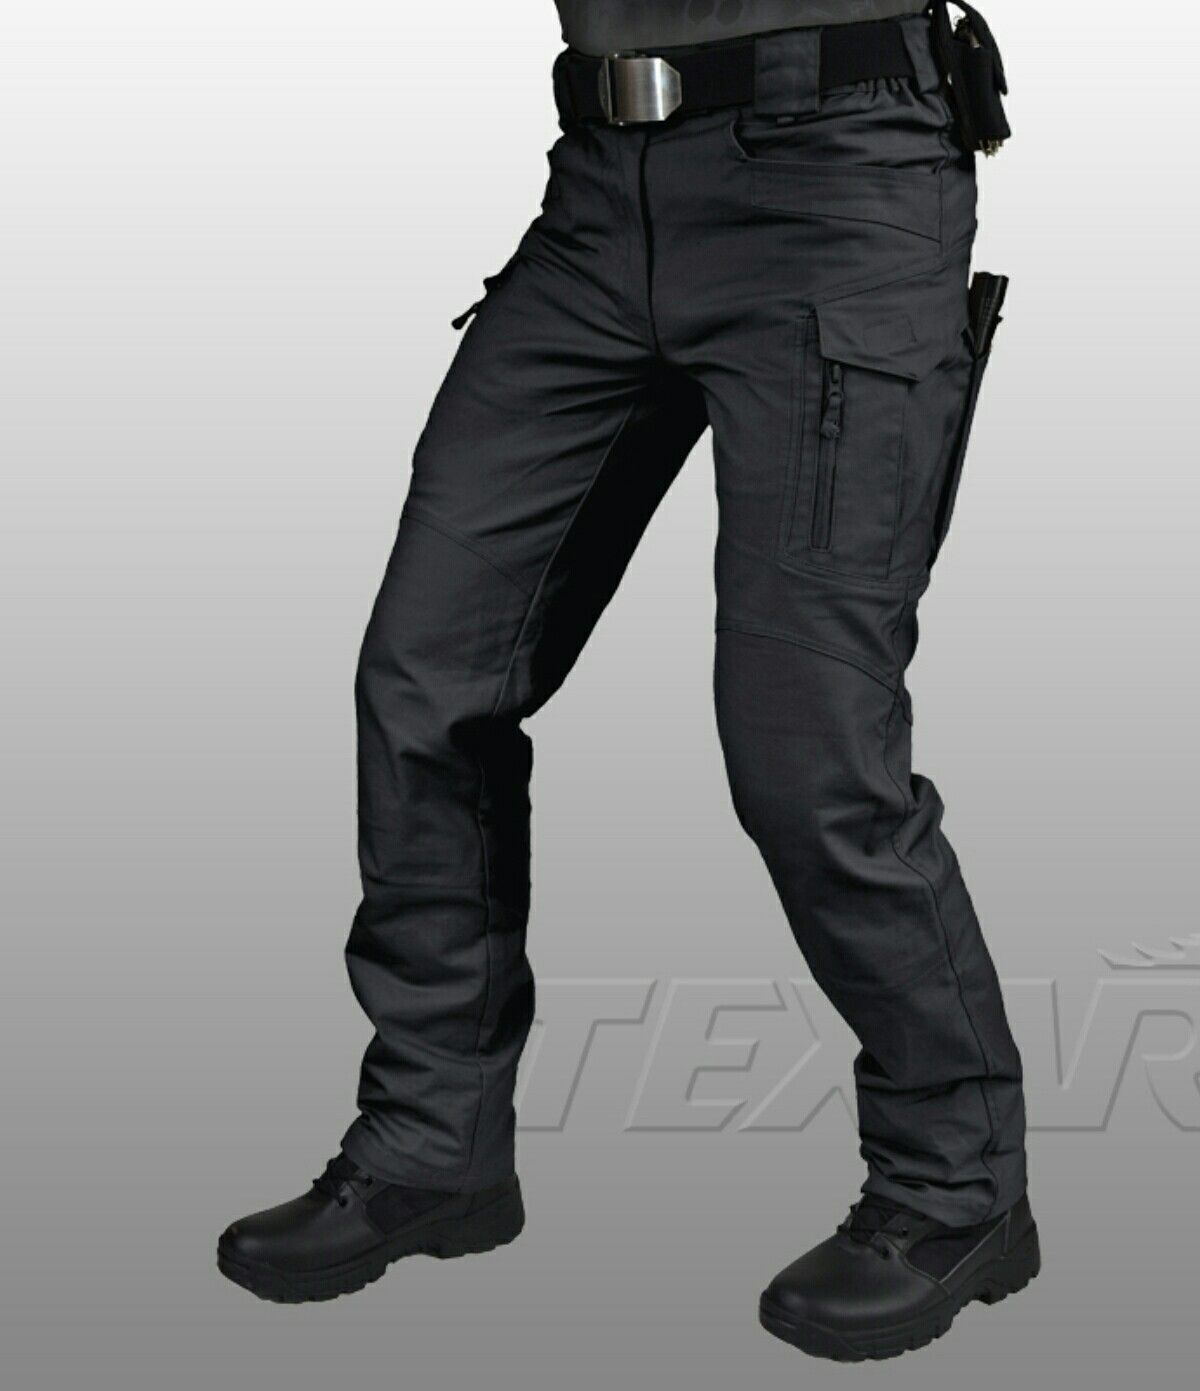 Kalhoty Texar Elite pro černé